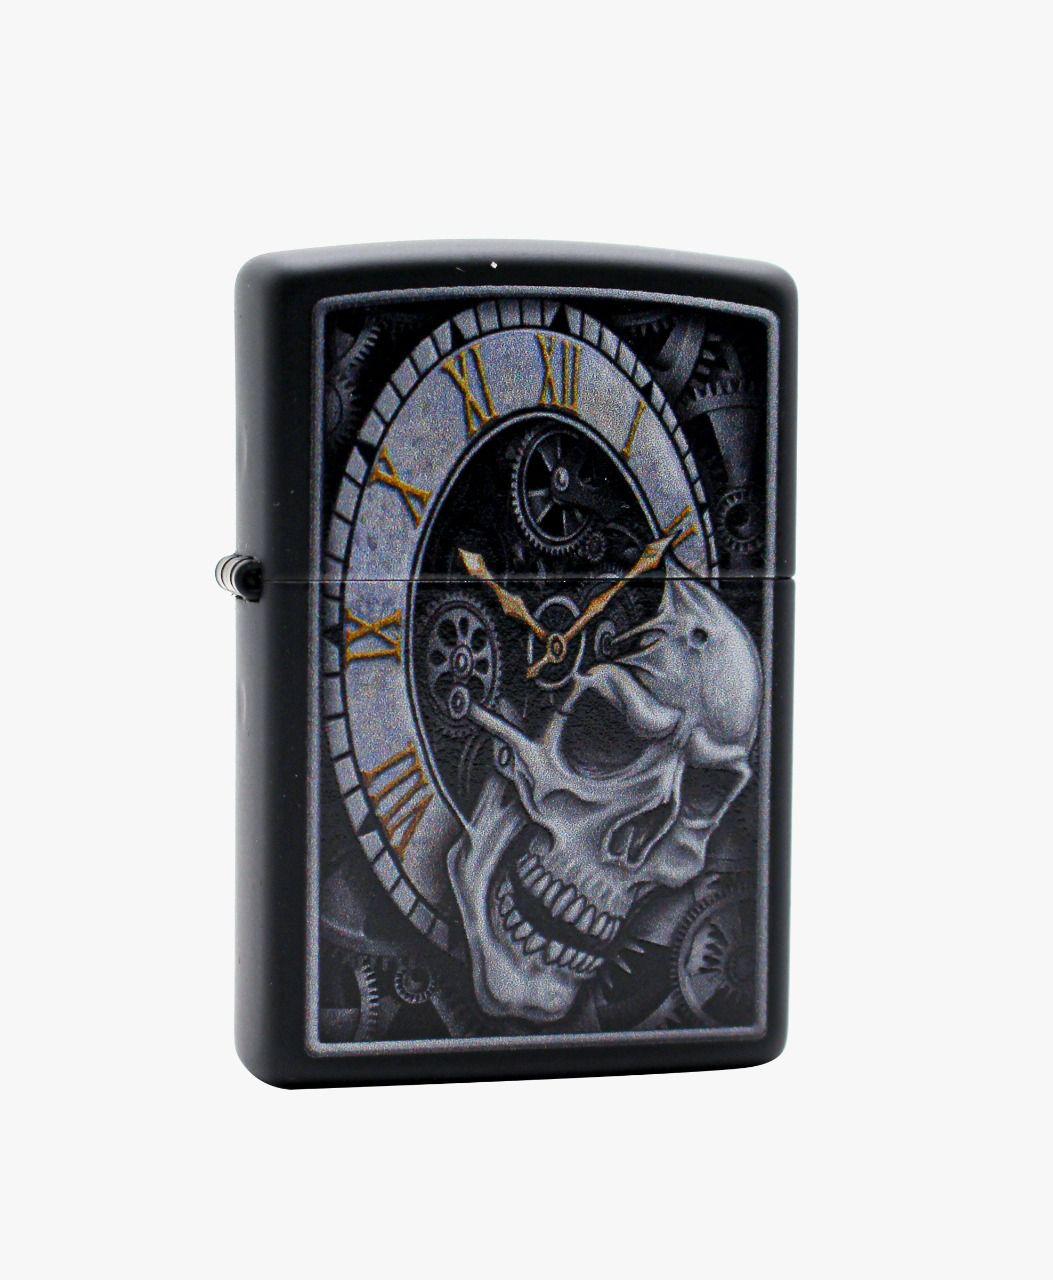 Isqueiro Zippo Skull Clock Design